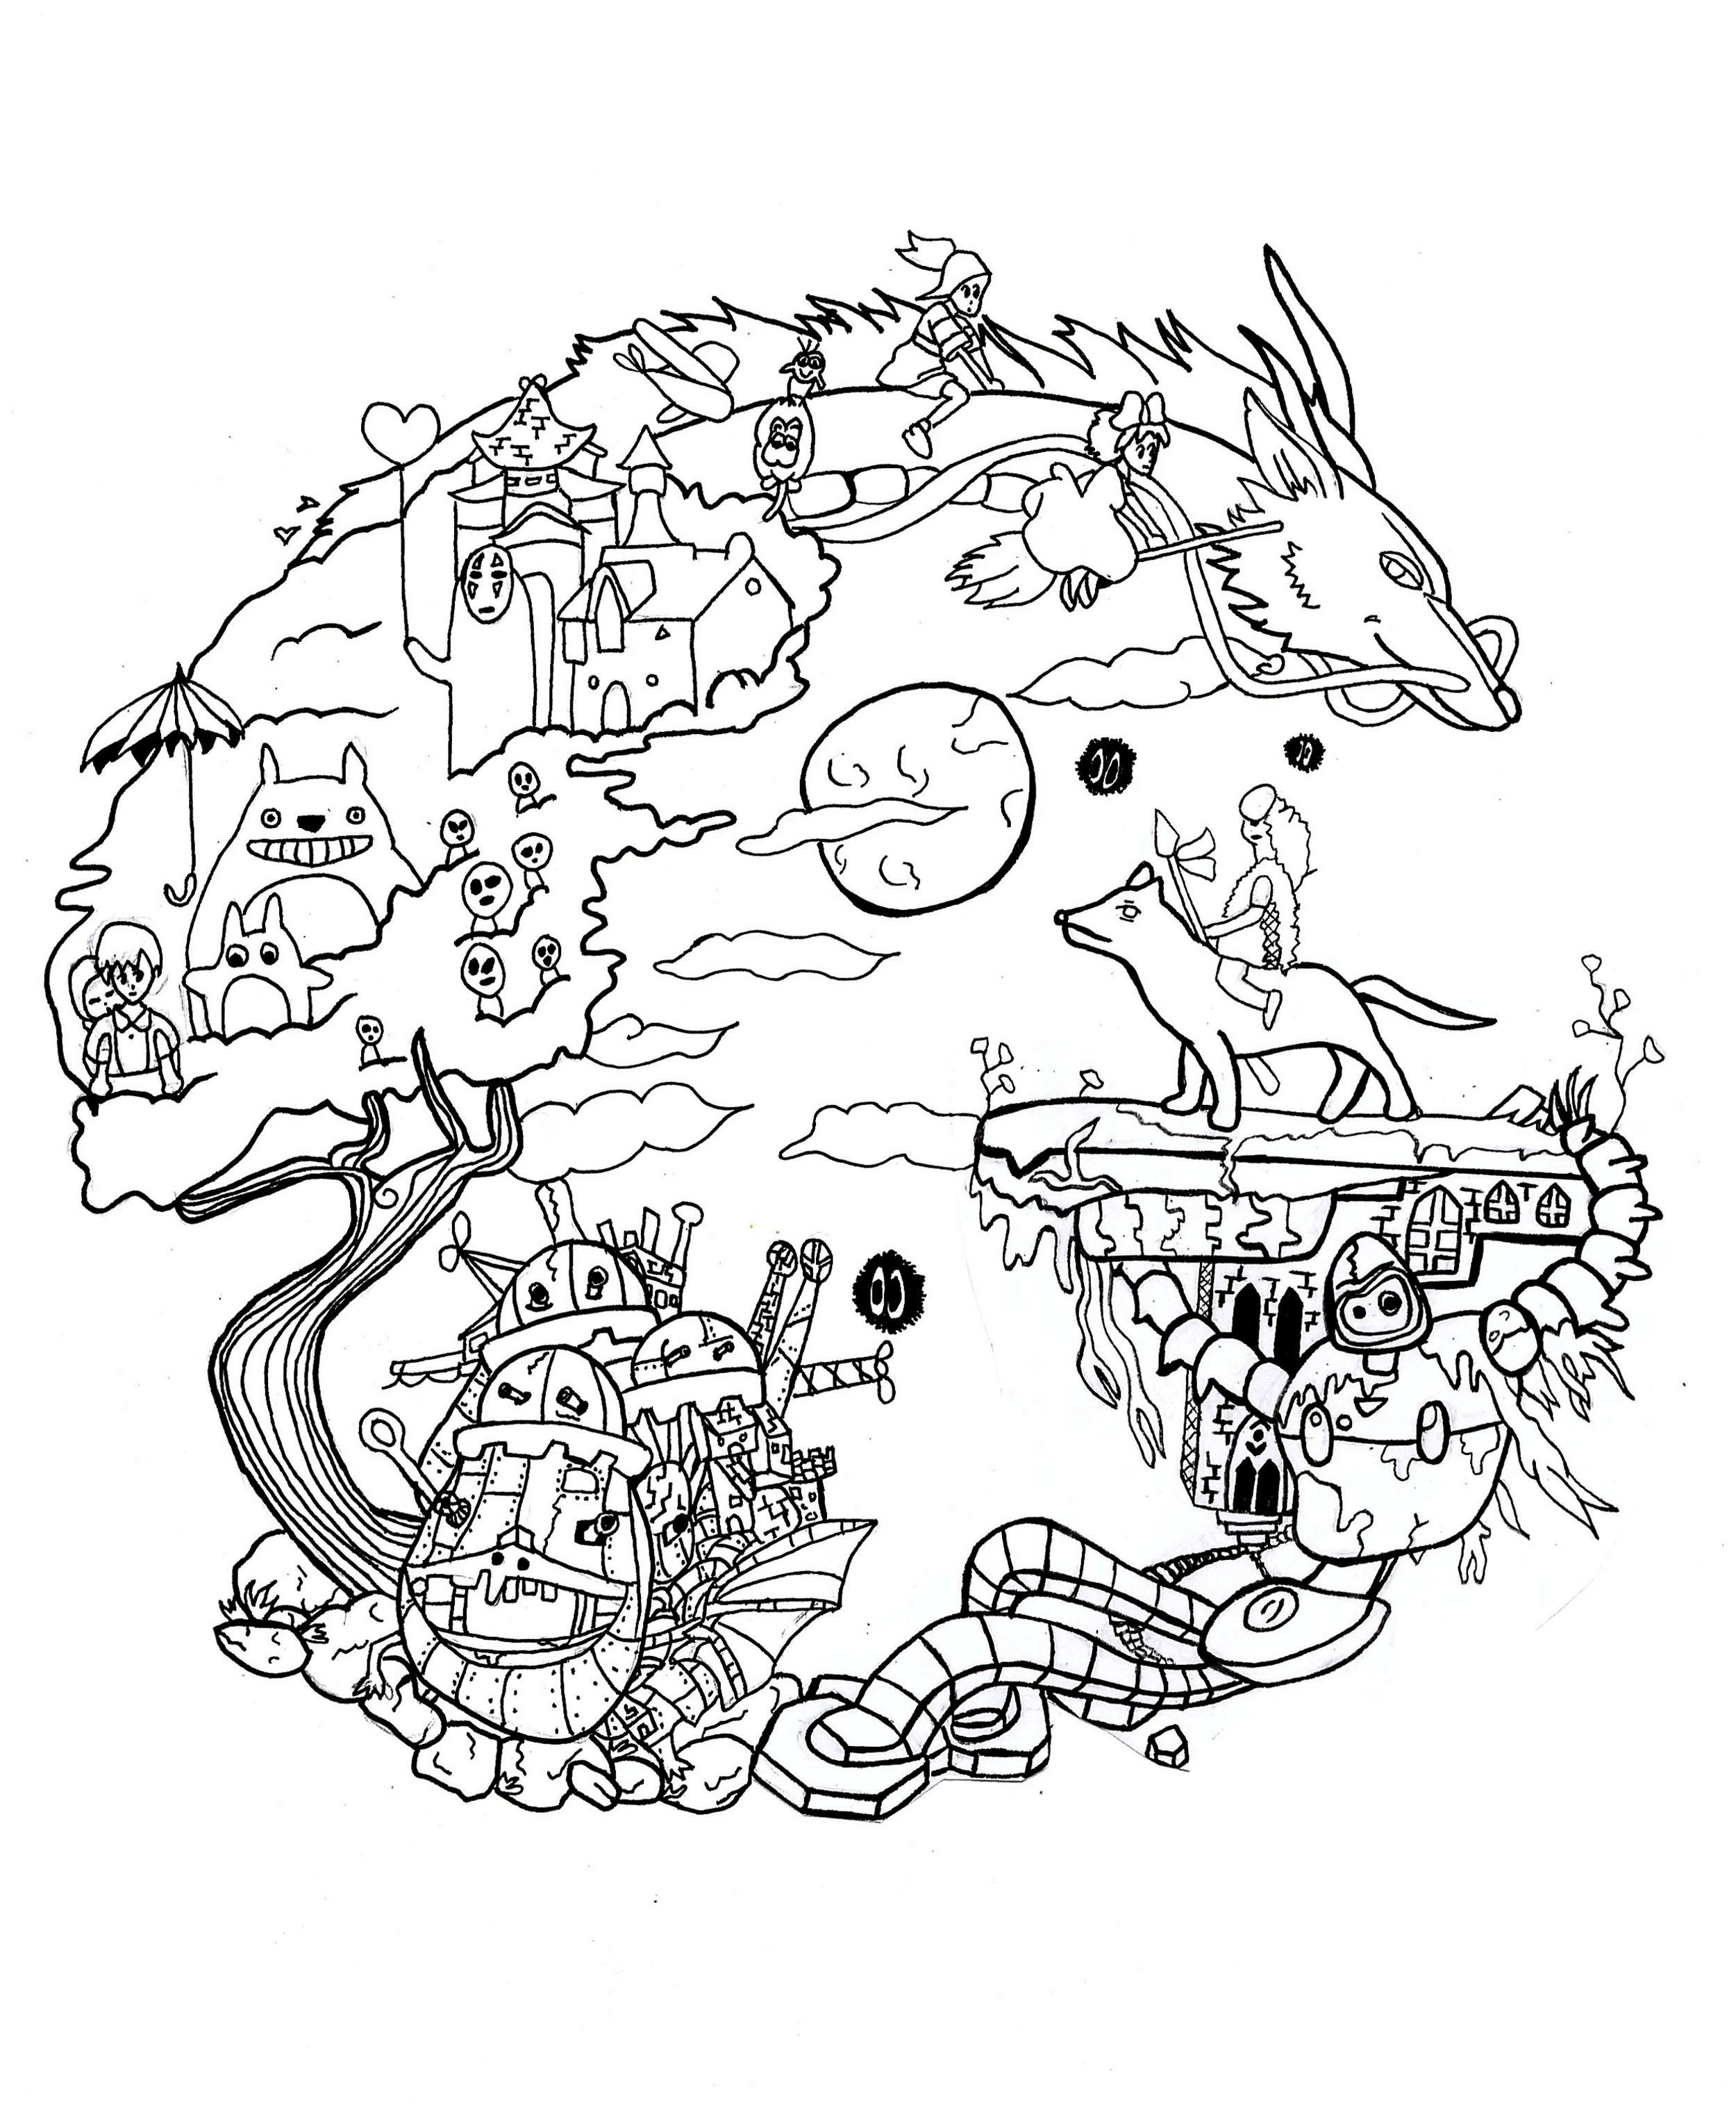 Disegni da colorare per adulti : Mangas - 24